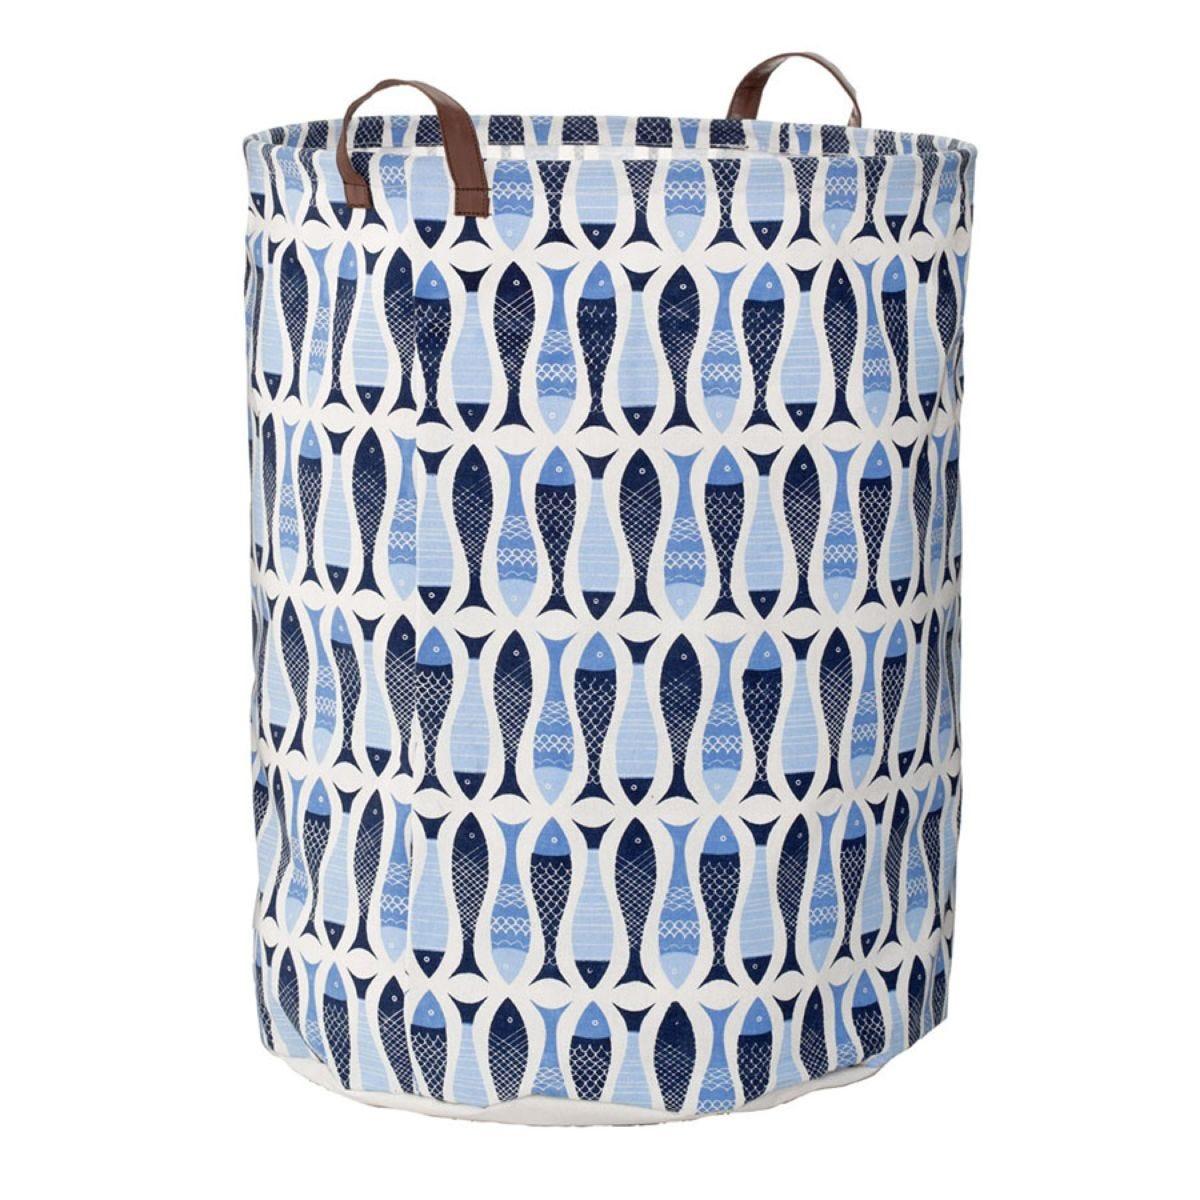 Premier Housewares Pisces Laundry Bag